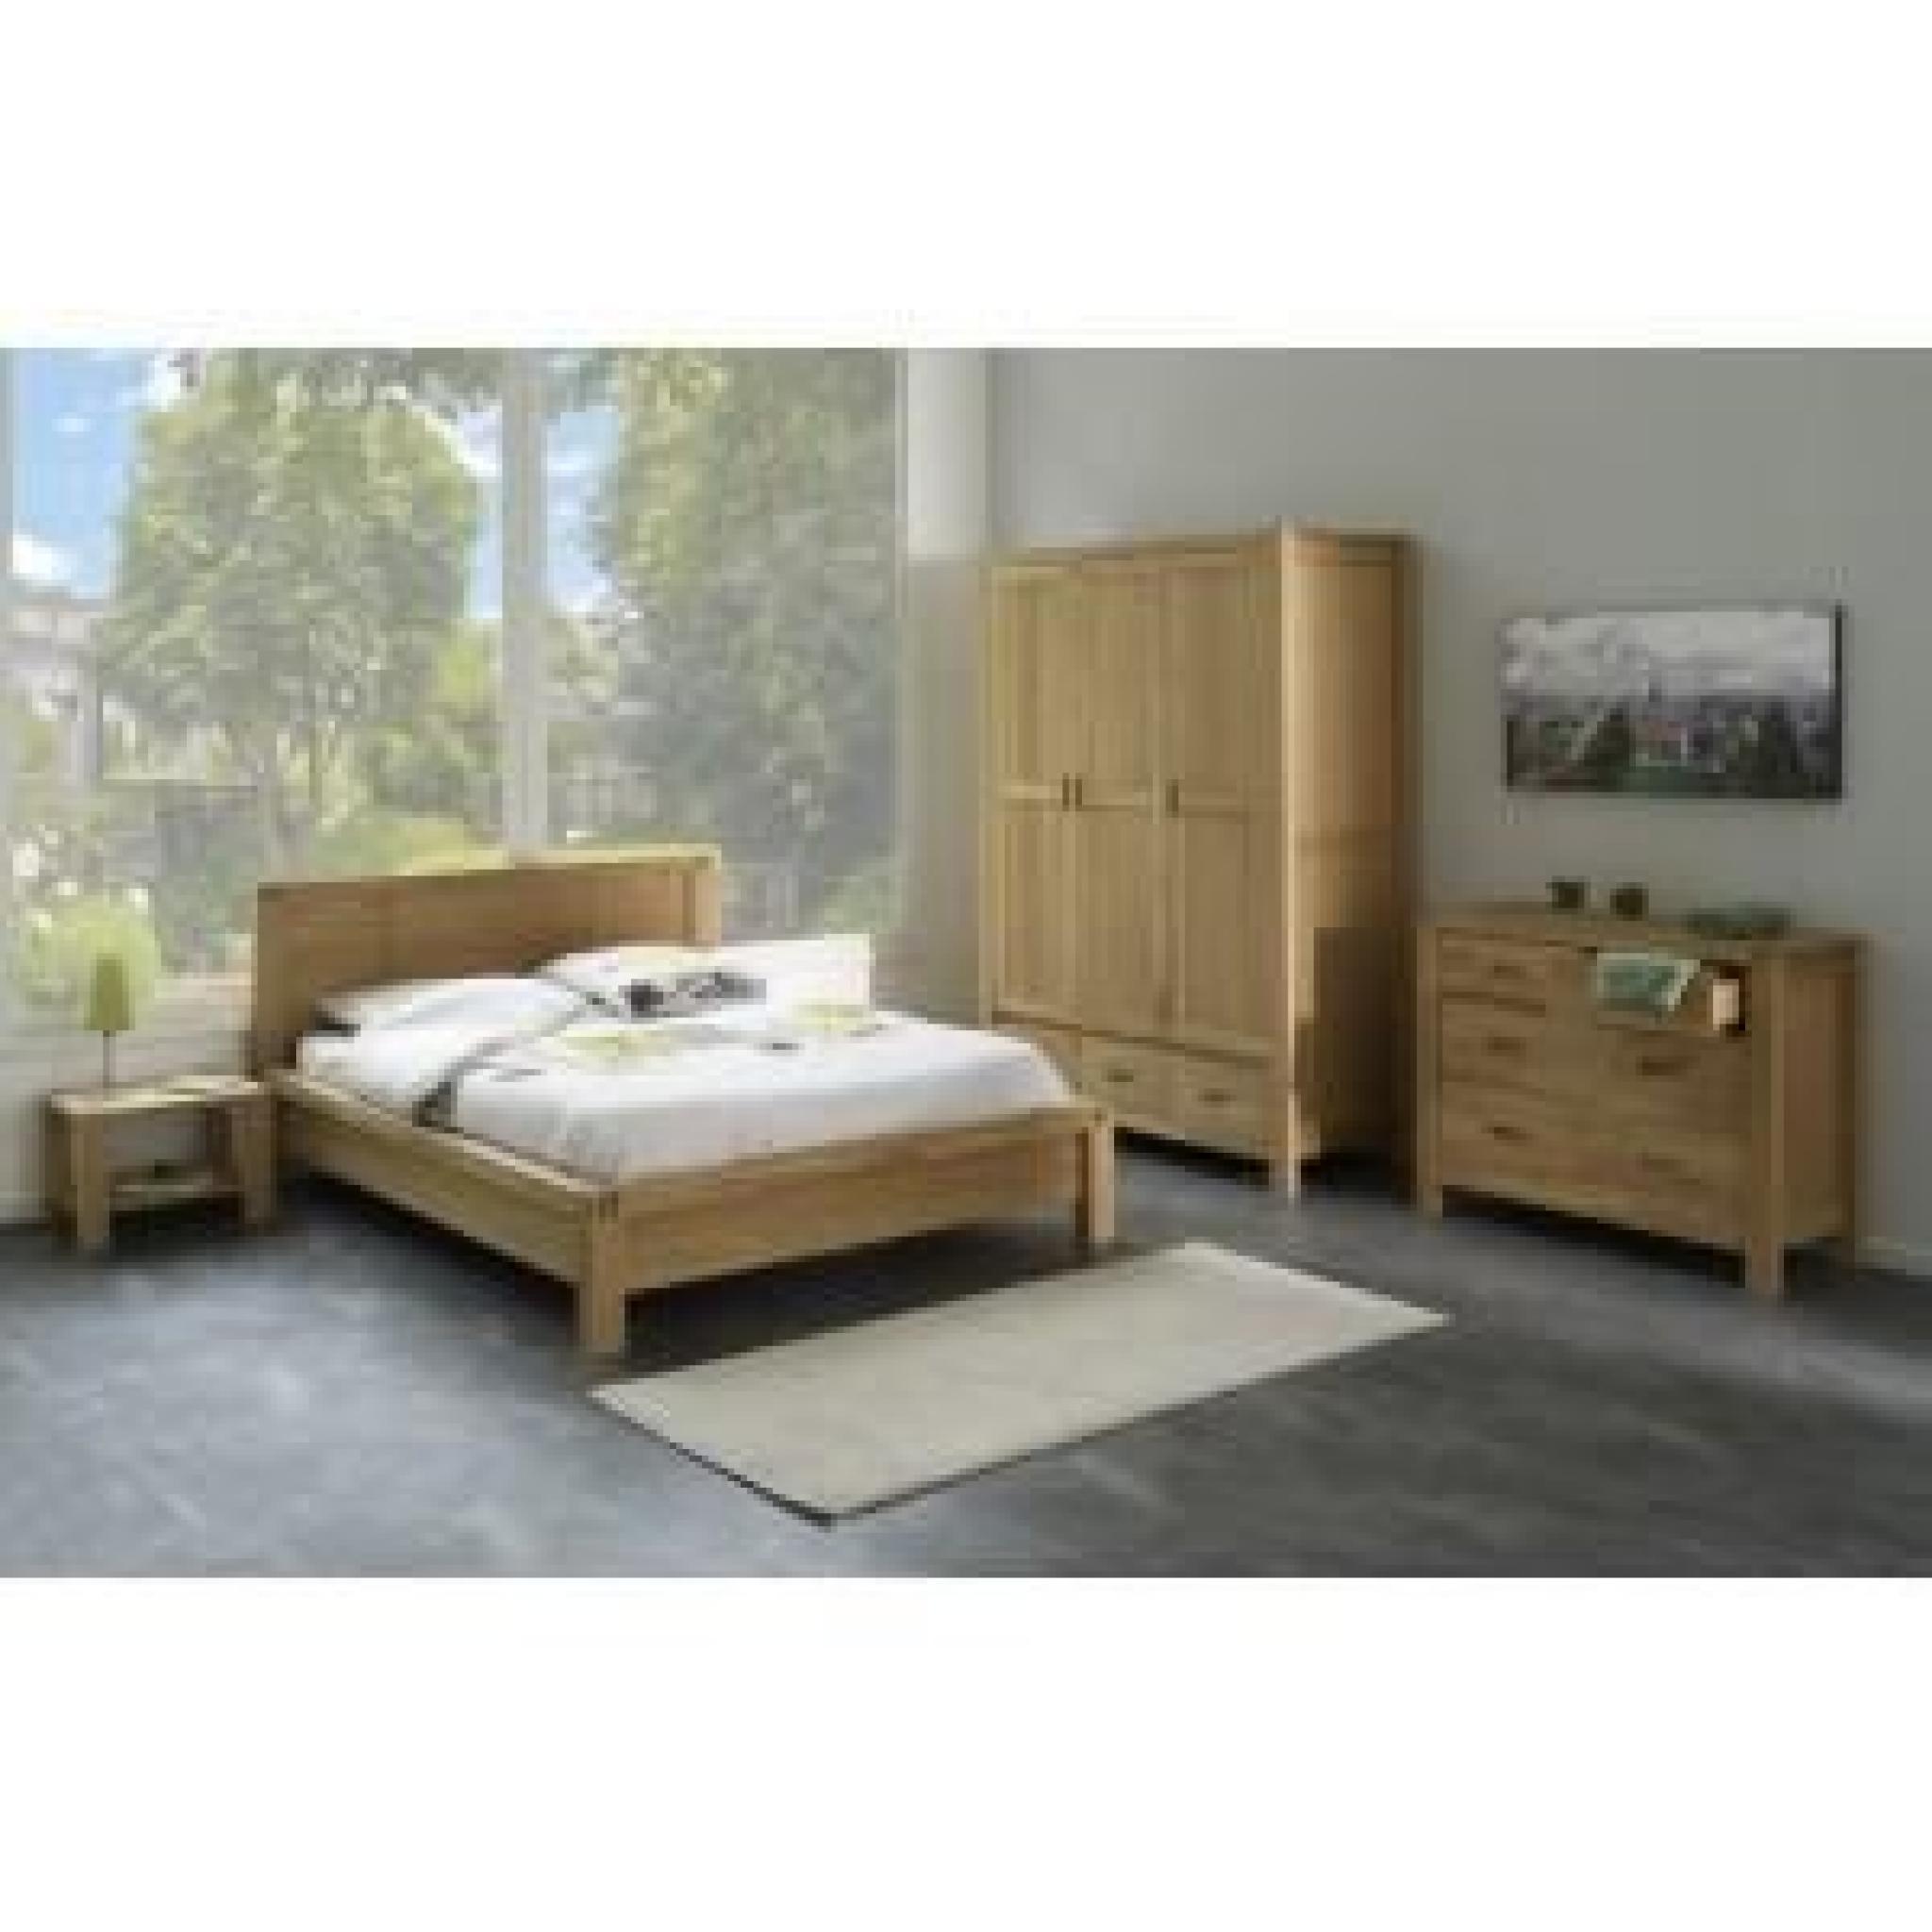 """lit adulte 160x200cm """"forest"""" beige - paris prix - achat/vente lit"""